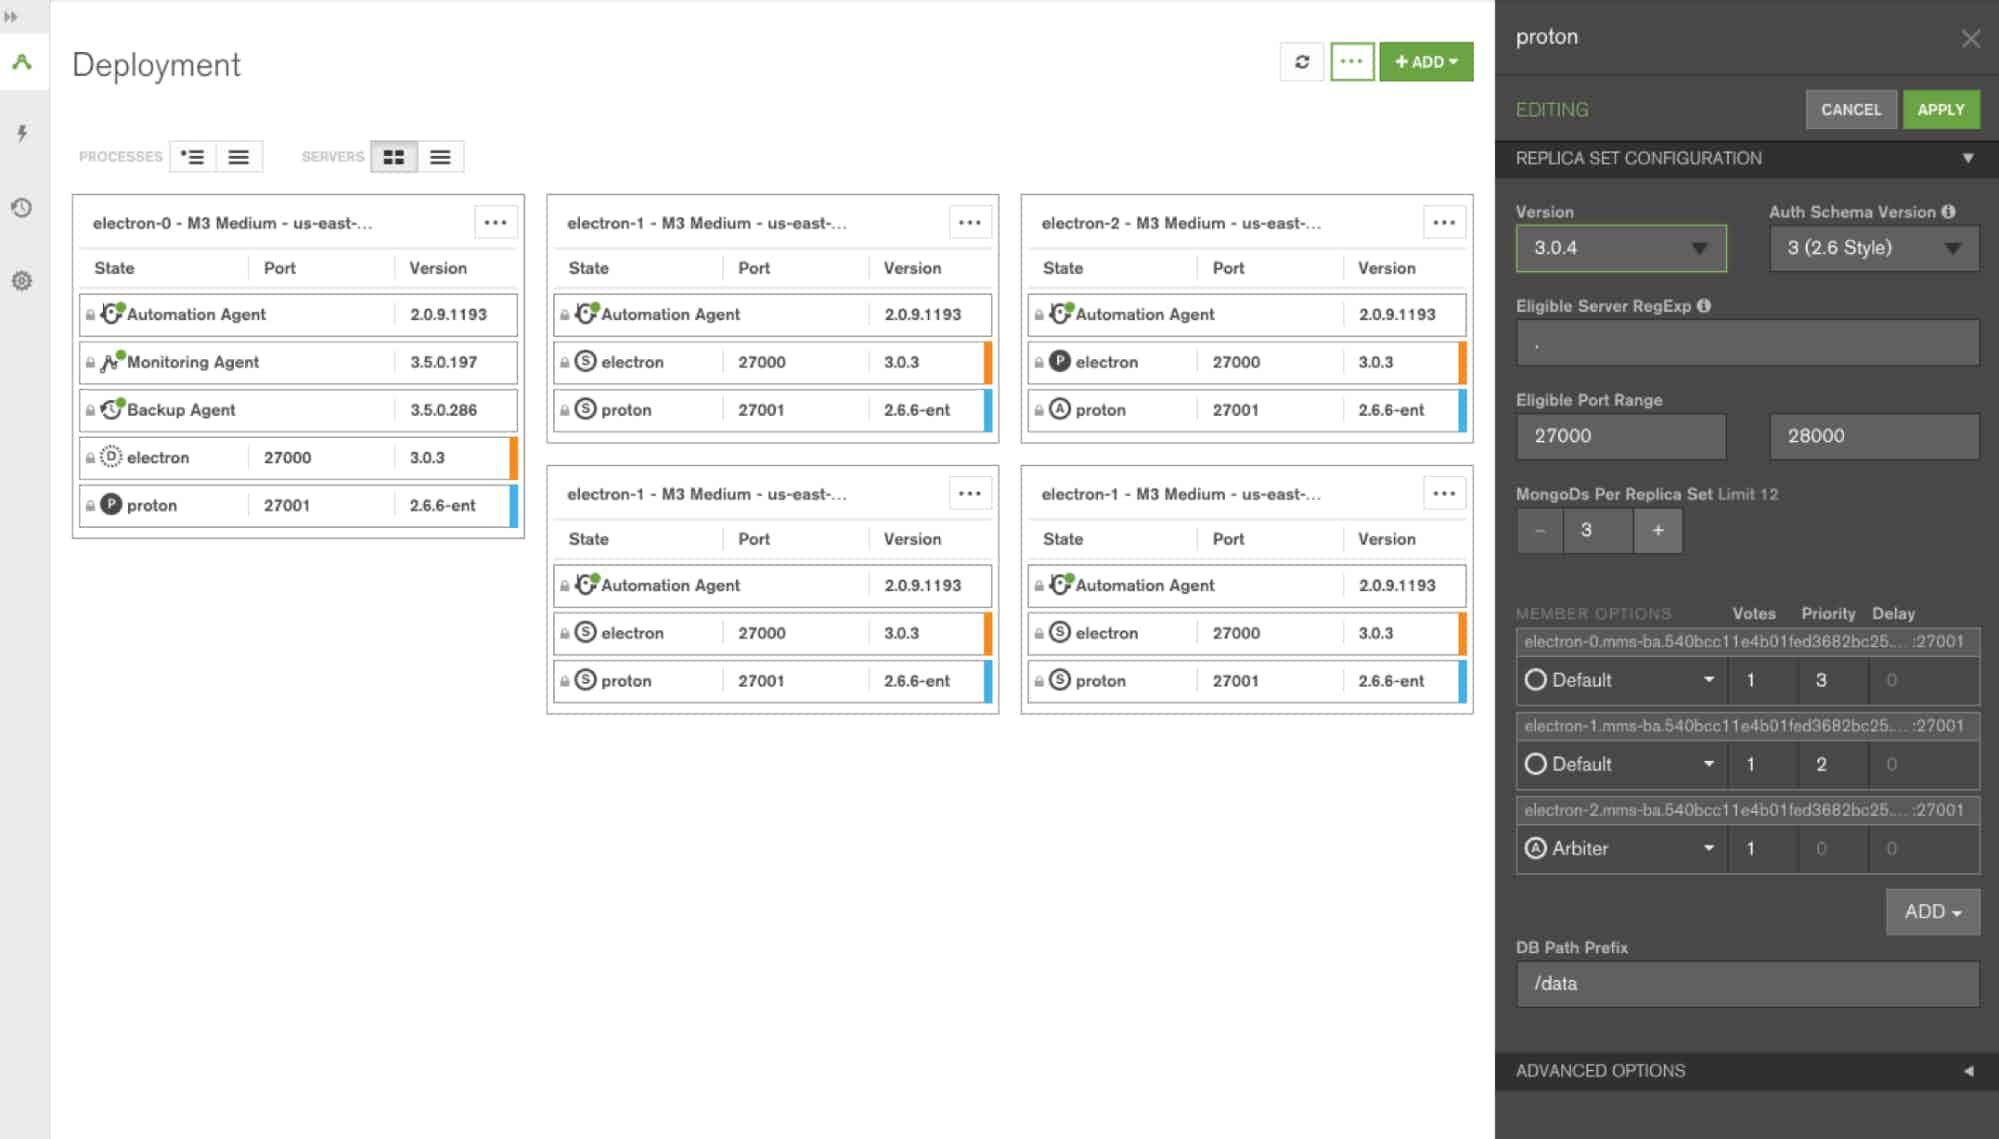 mongodb metrics - MongoDB Cloud Manager